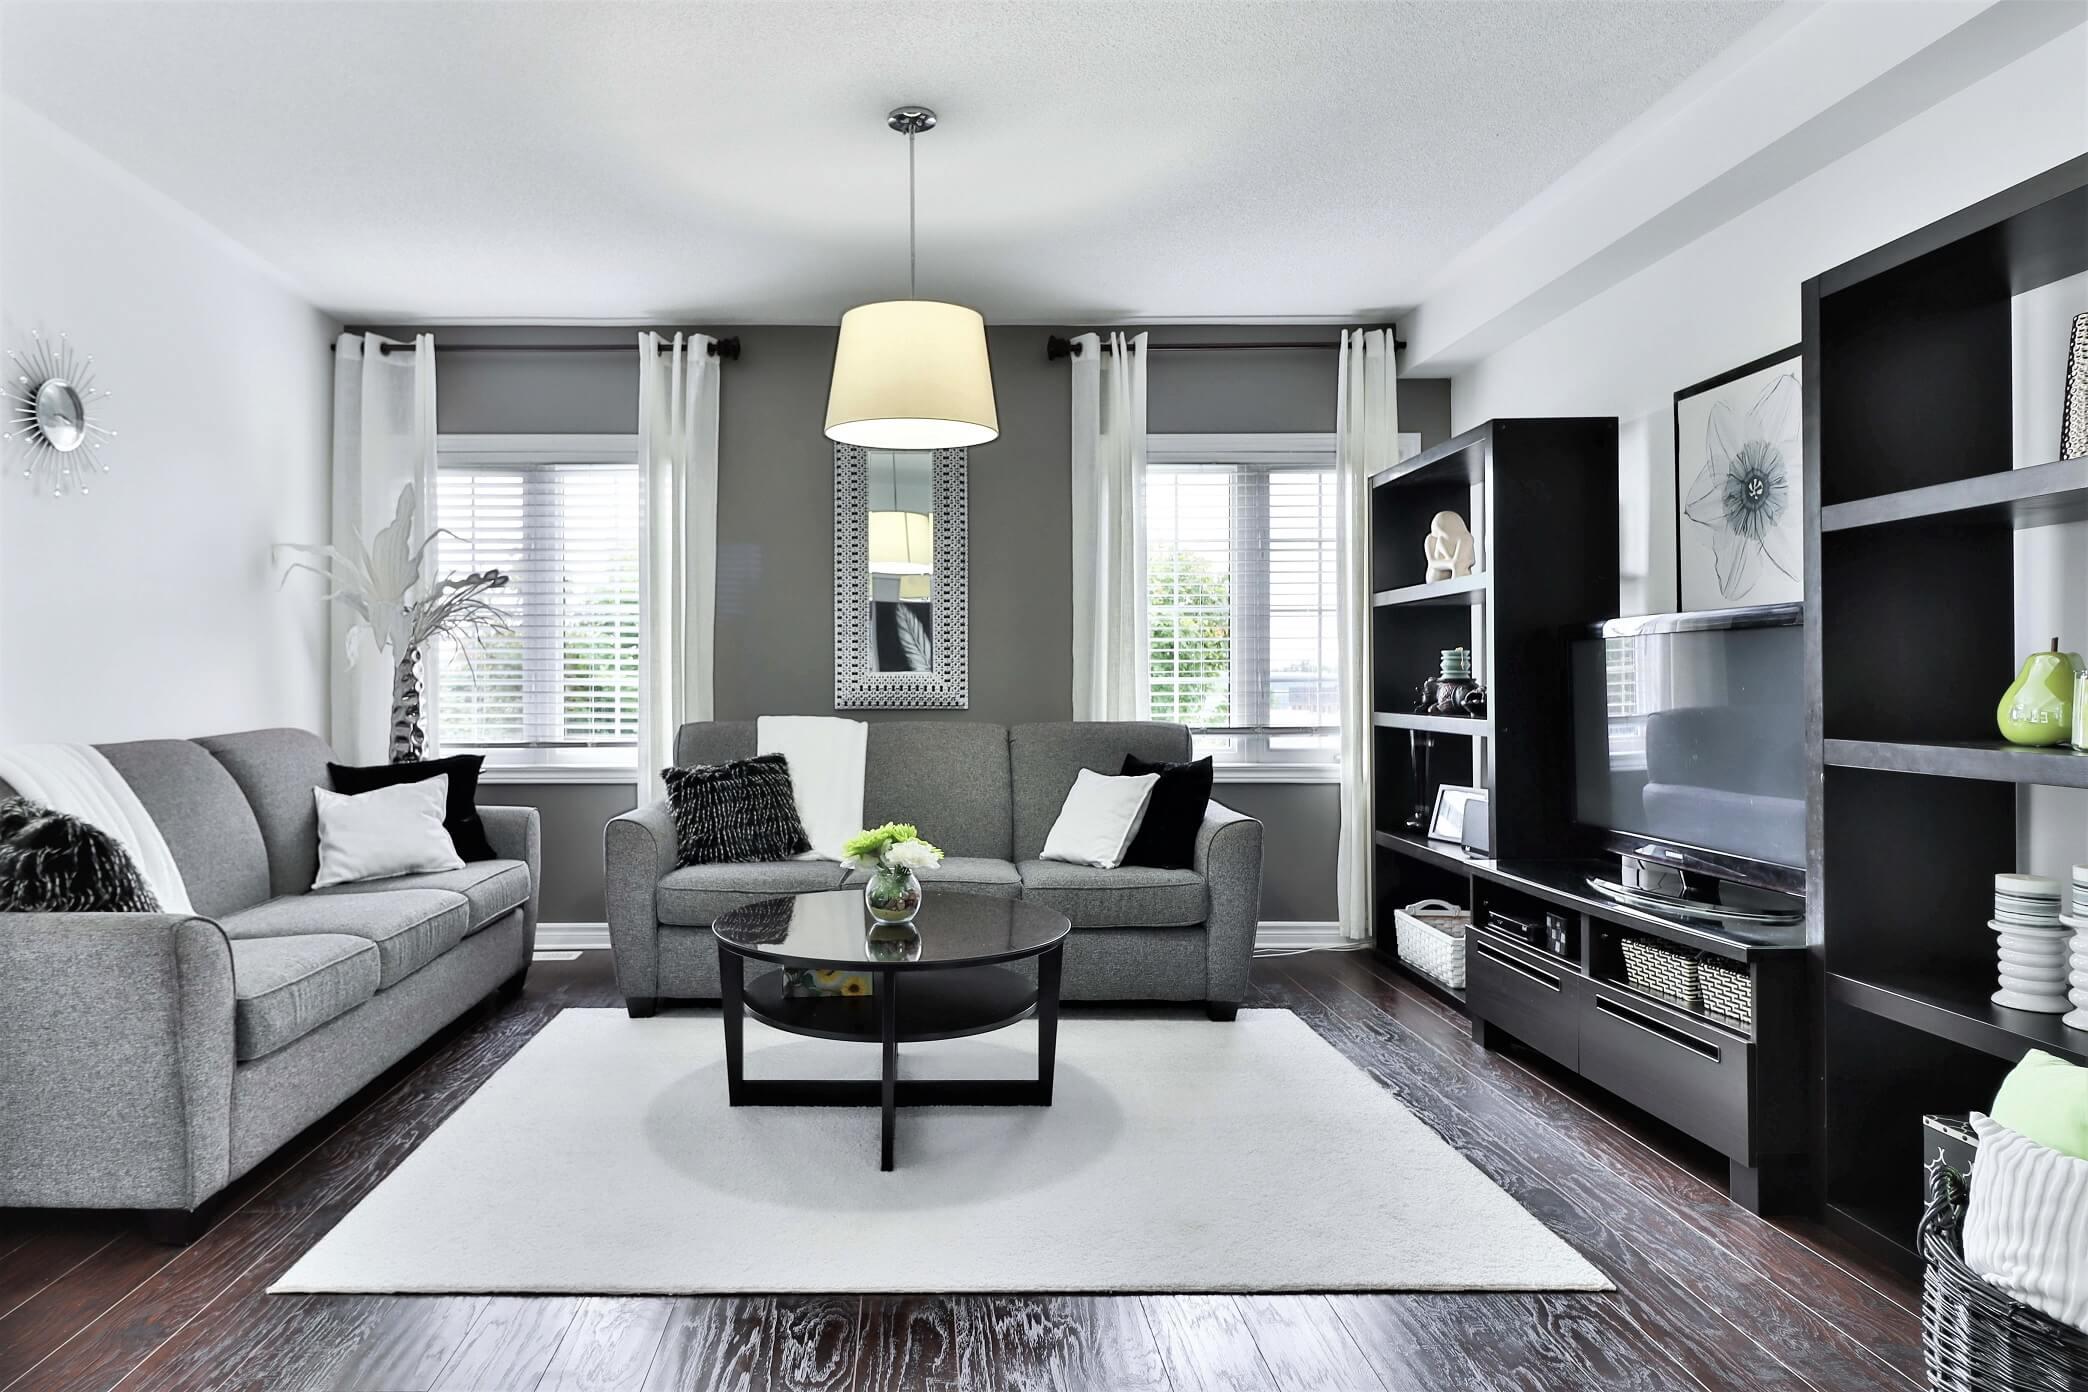 รับออกแบบบ้าน รับตกแต่งภายในบ้าน และรับรีโนเวทบ้าน โดยสถาปนิกและวิศวกรมืออาชีพ ออกแบบติดตั้งเฟอร์ นิ เจ อร์